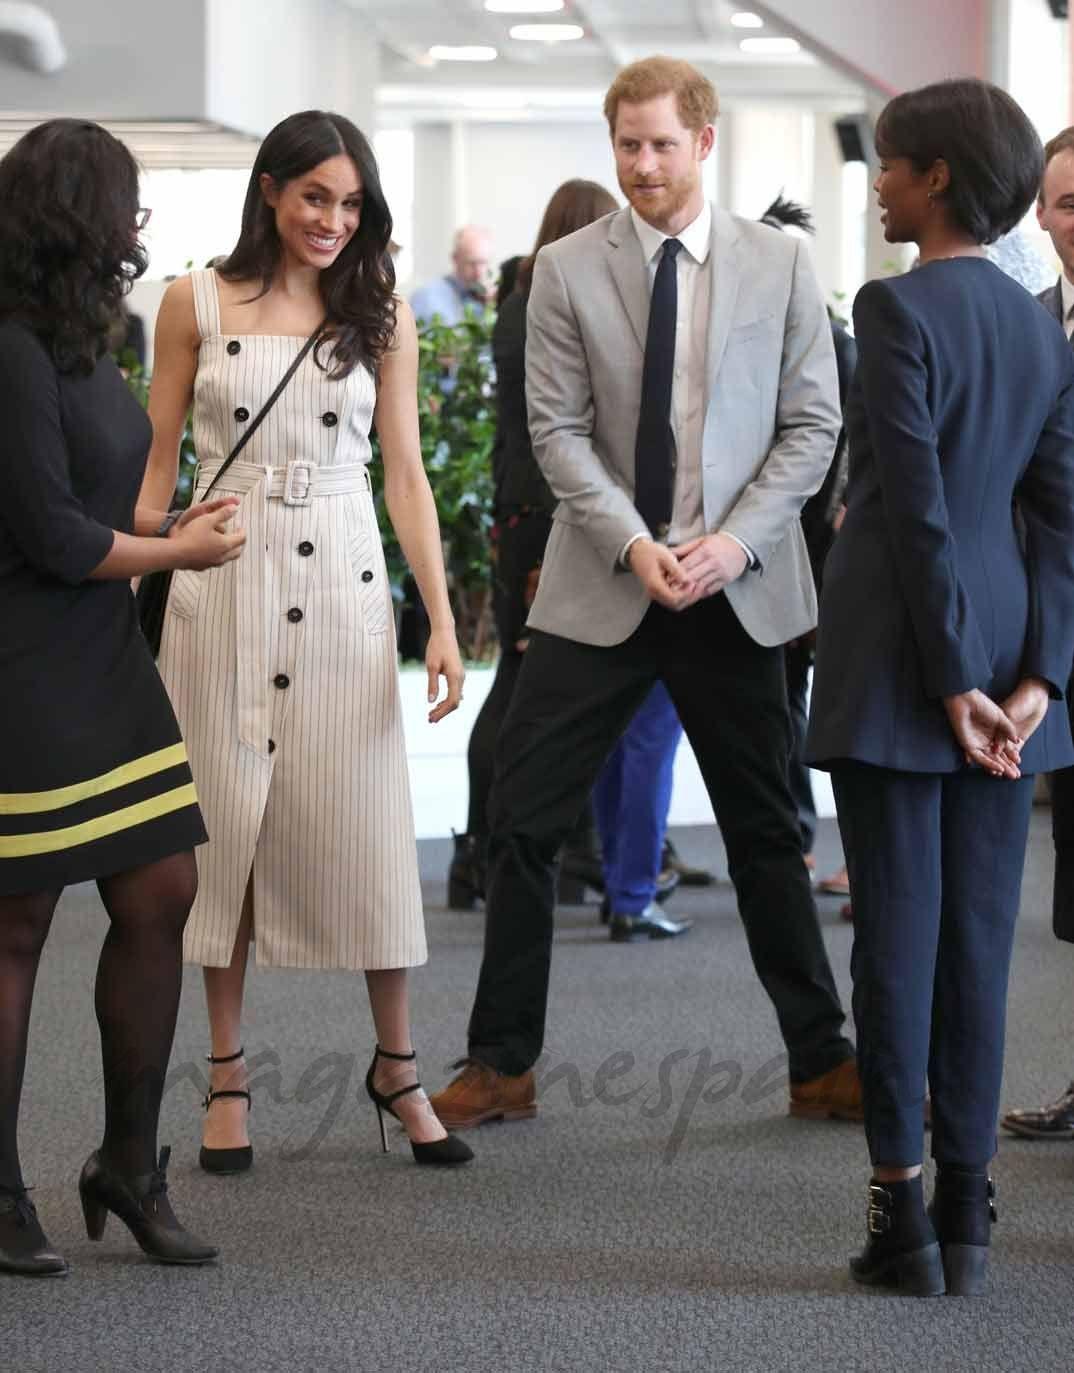 La complicidad del príncipe Harry y Meghan Markle un mes antes de su boda 4927c867e5f